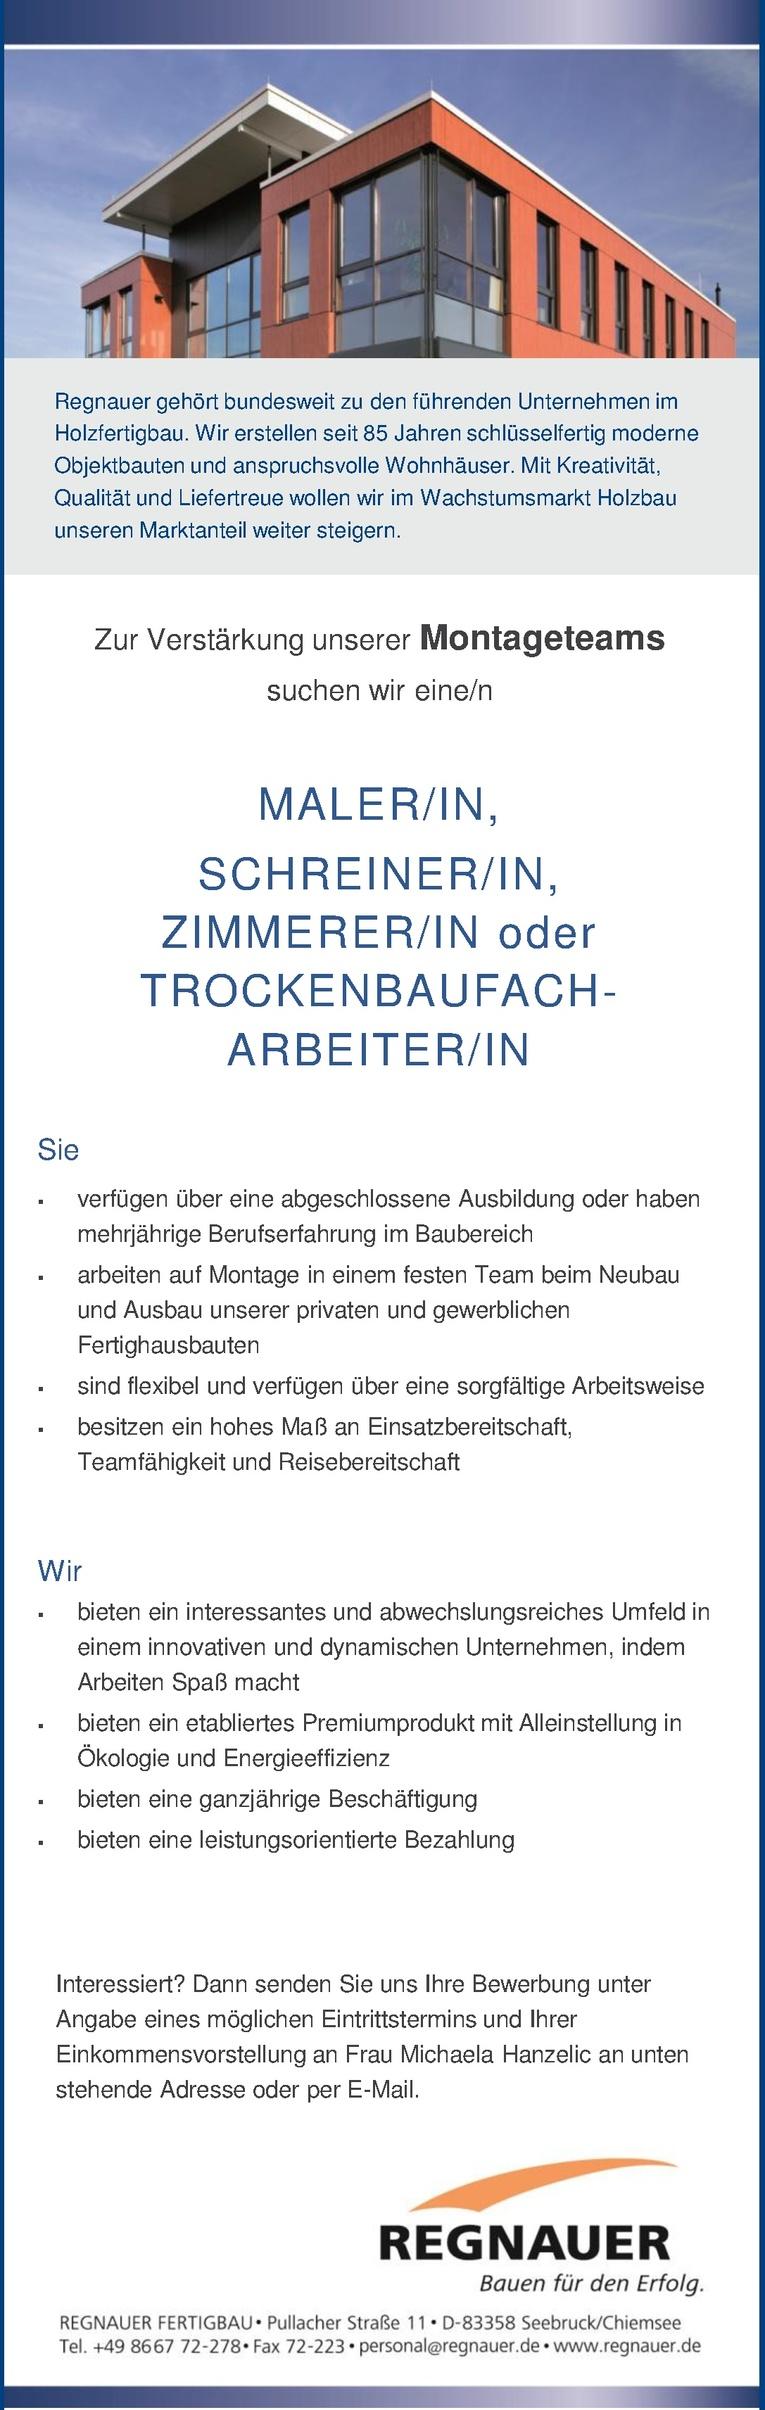 ZIMMERER/IN oder TROCKENBAUFACH- ARBEITER/IN